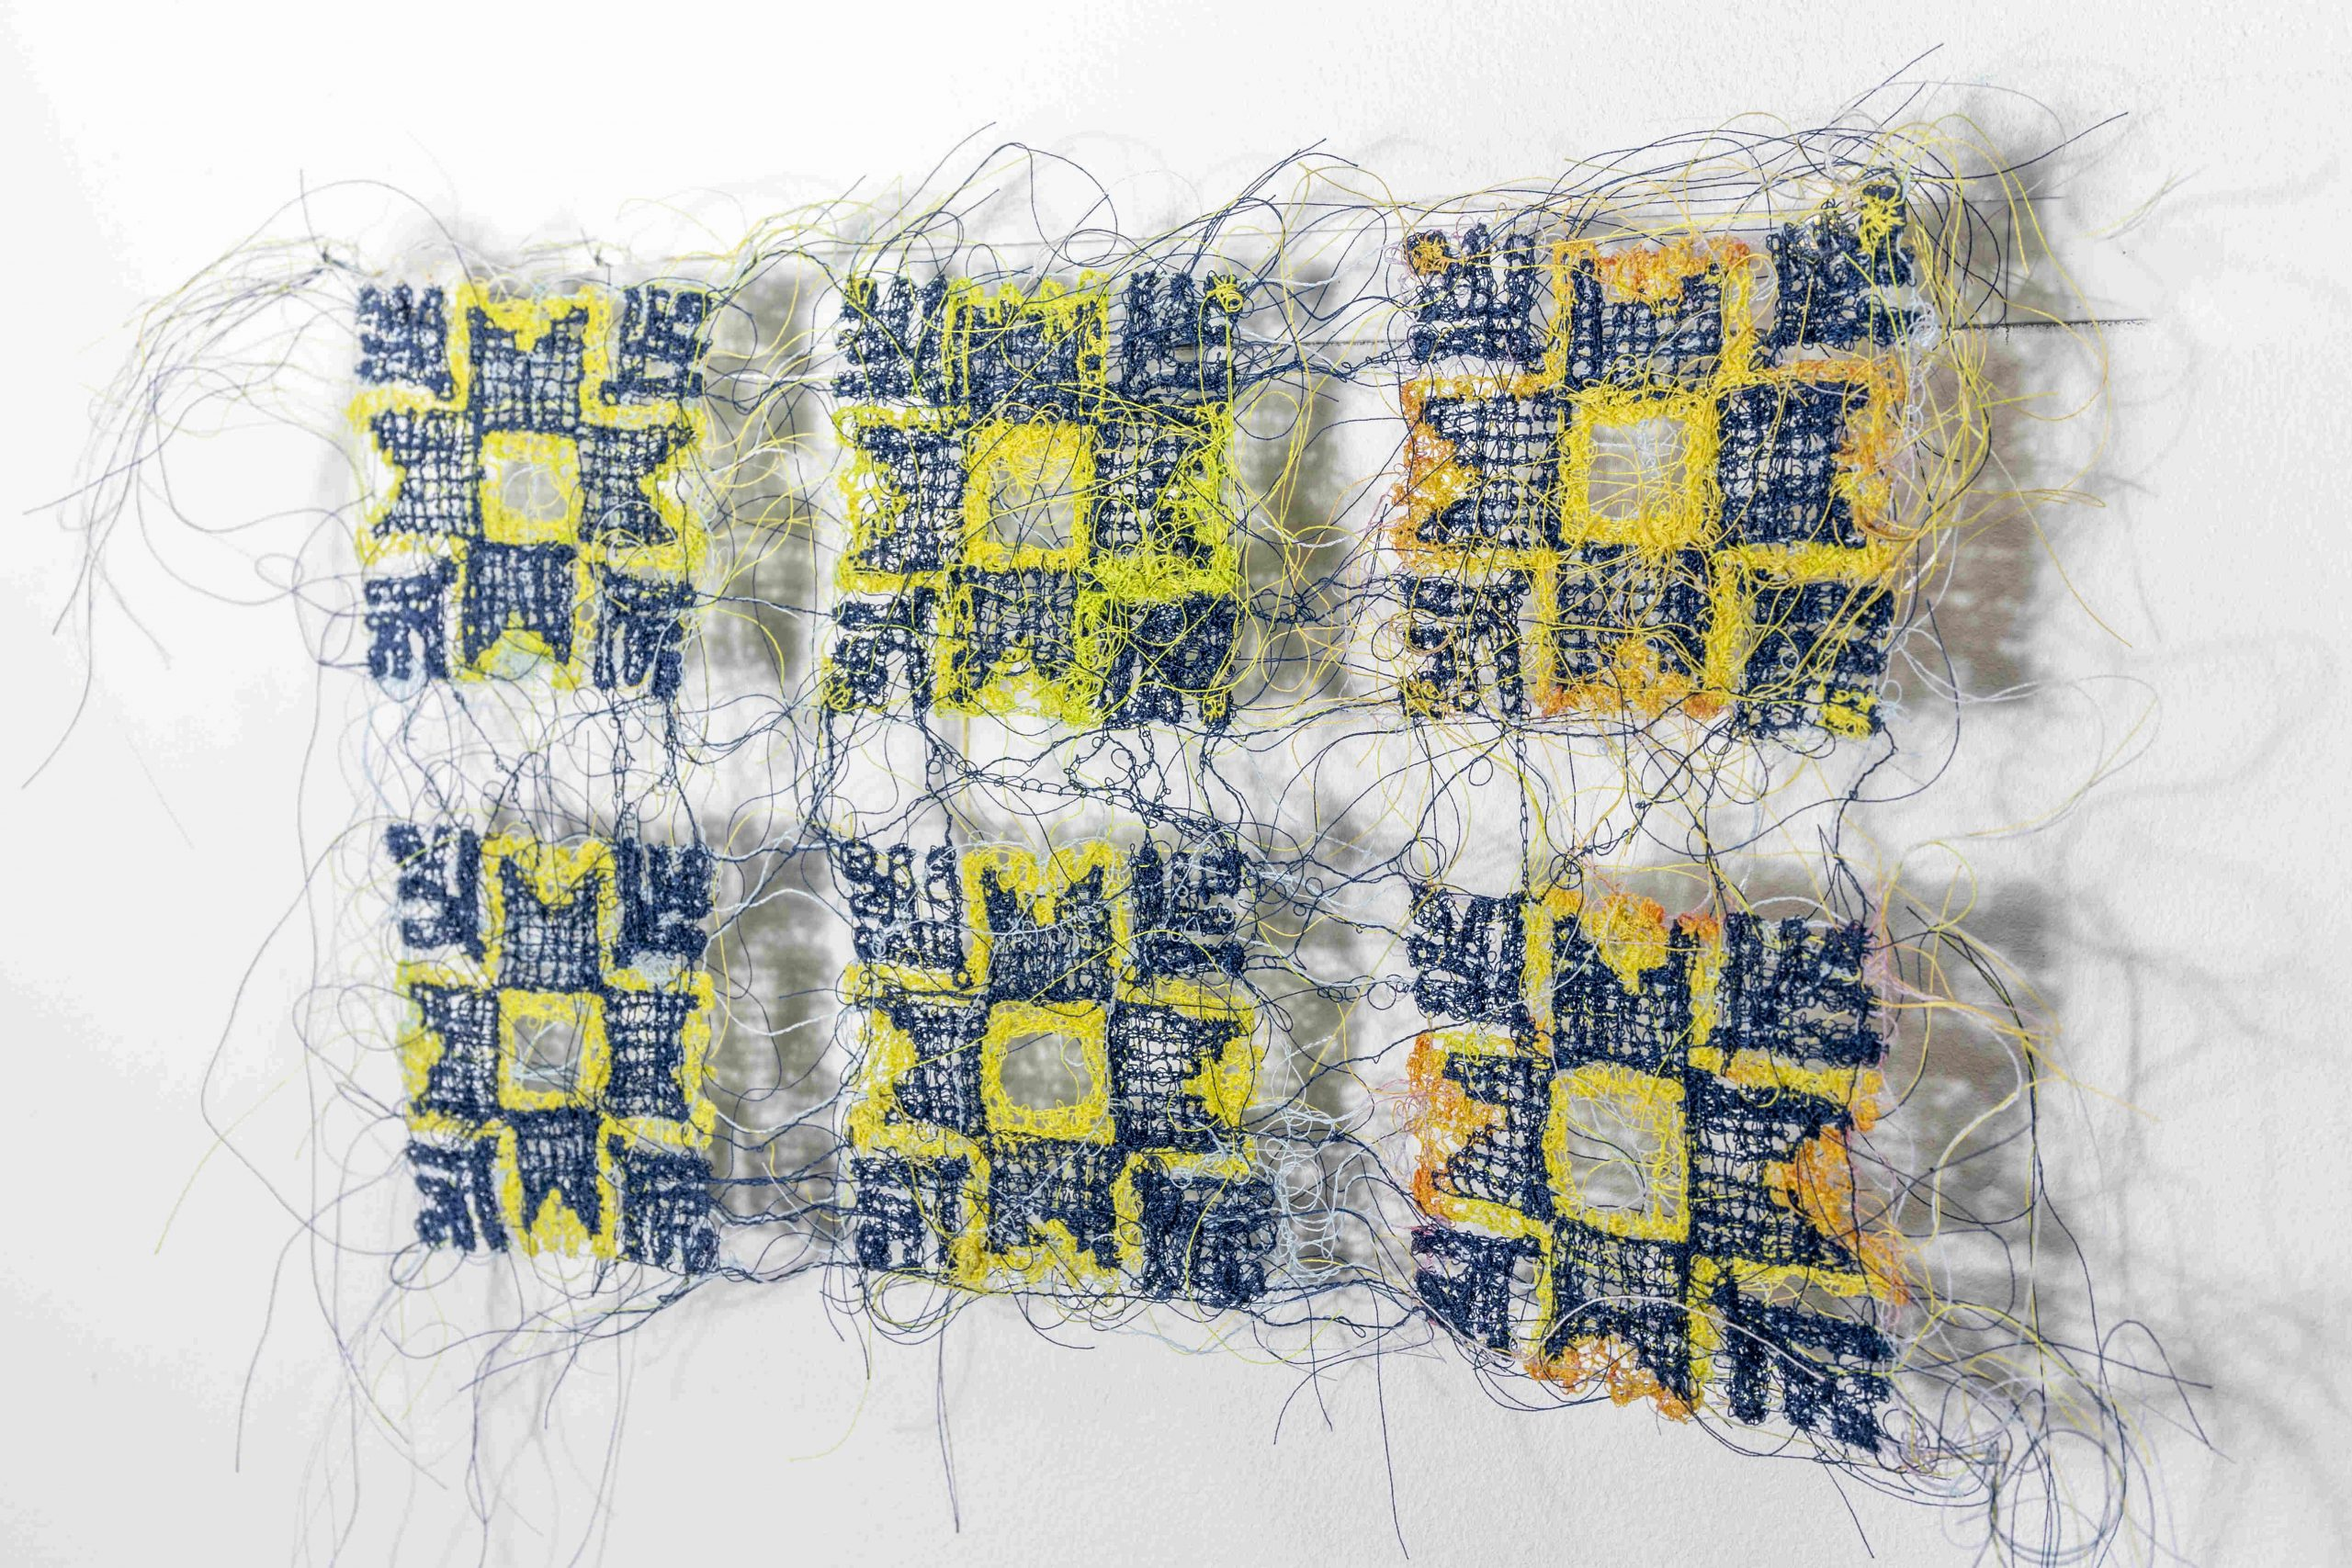 TB1, 2020, Textile, thread, 19 x 30 cm